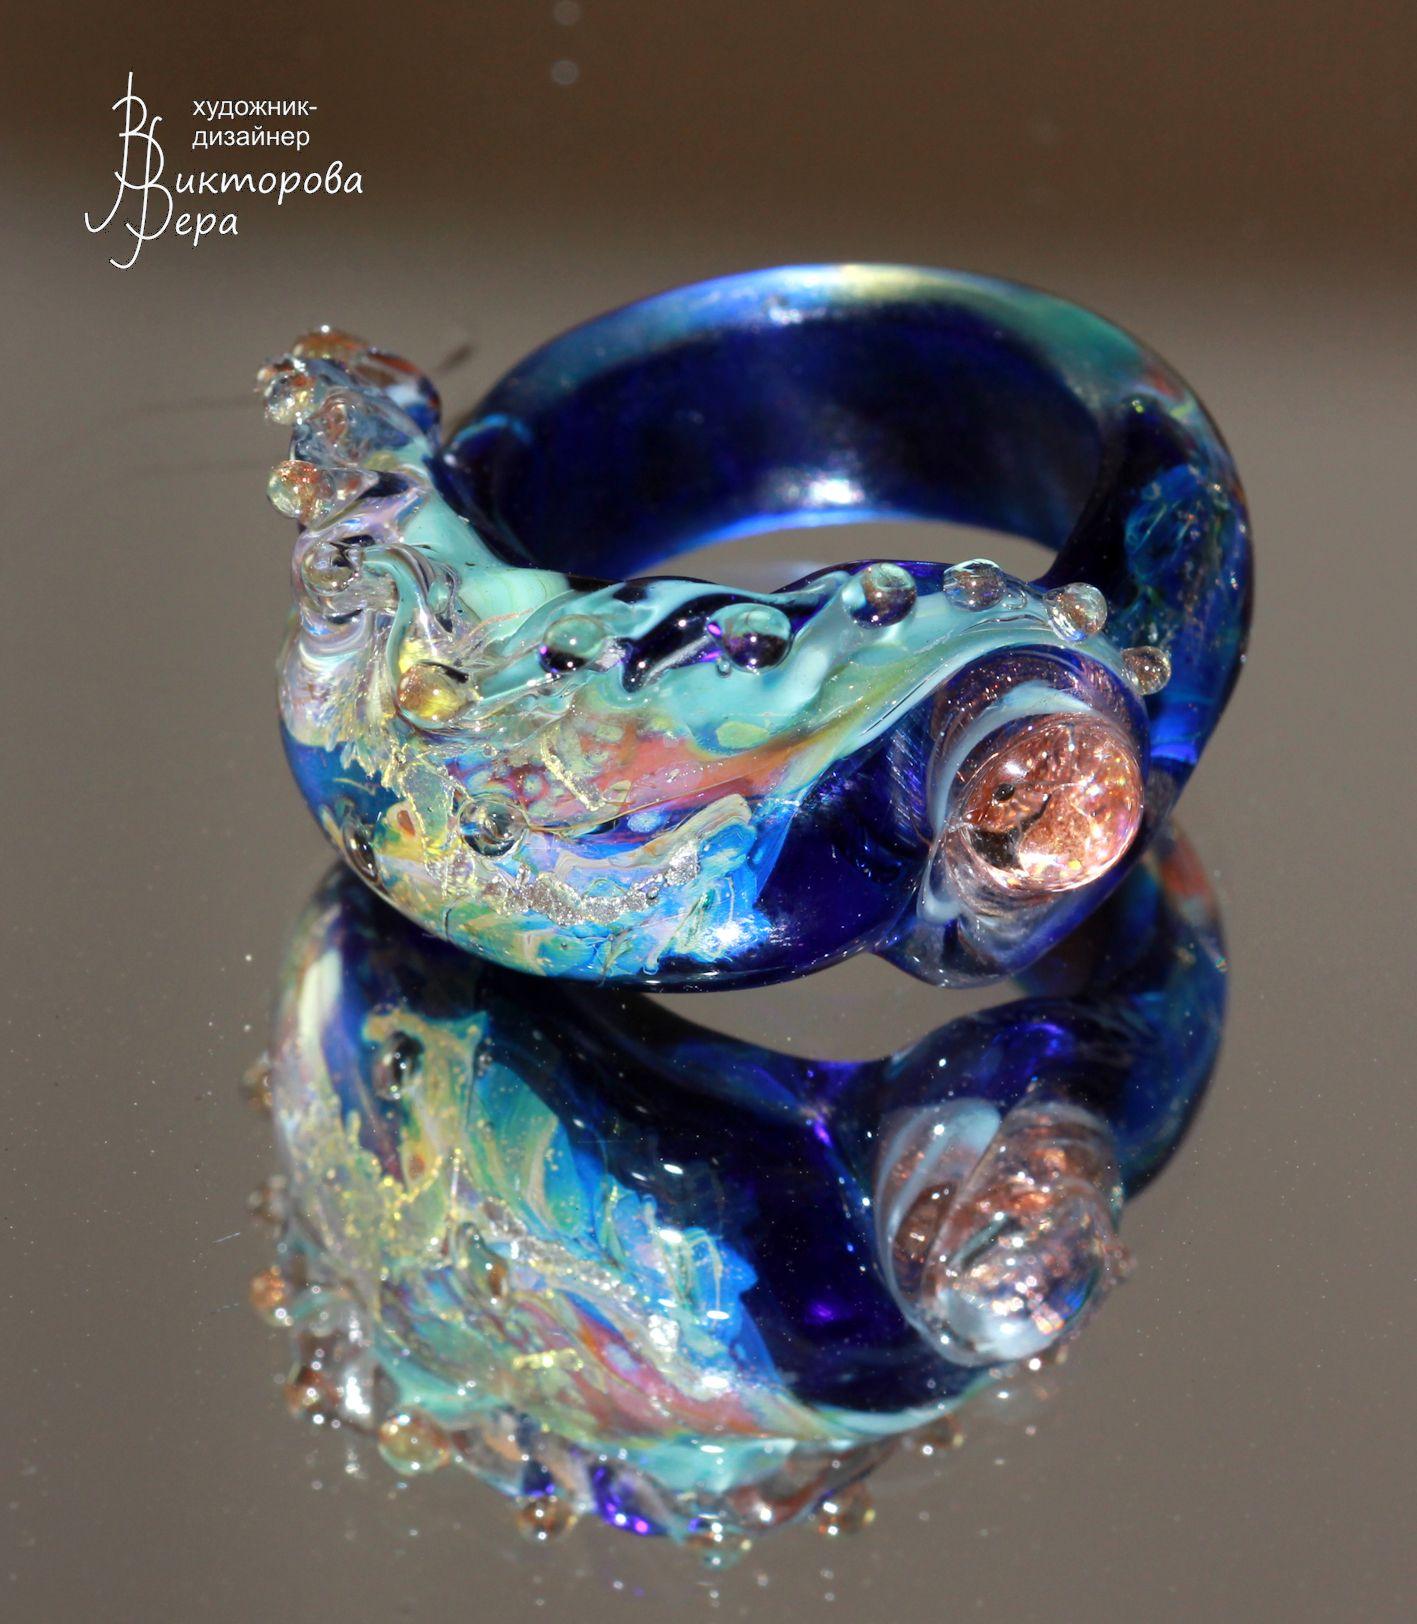 Океаническая волна. Стекло ручной работы от Веры Викторовой. Ocean wave. Handmade glass by Vera Viktorova